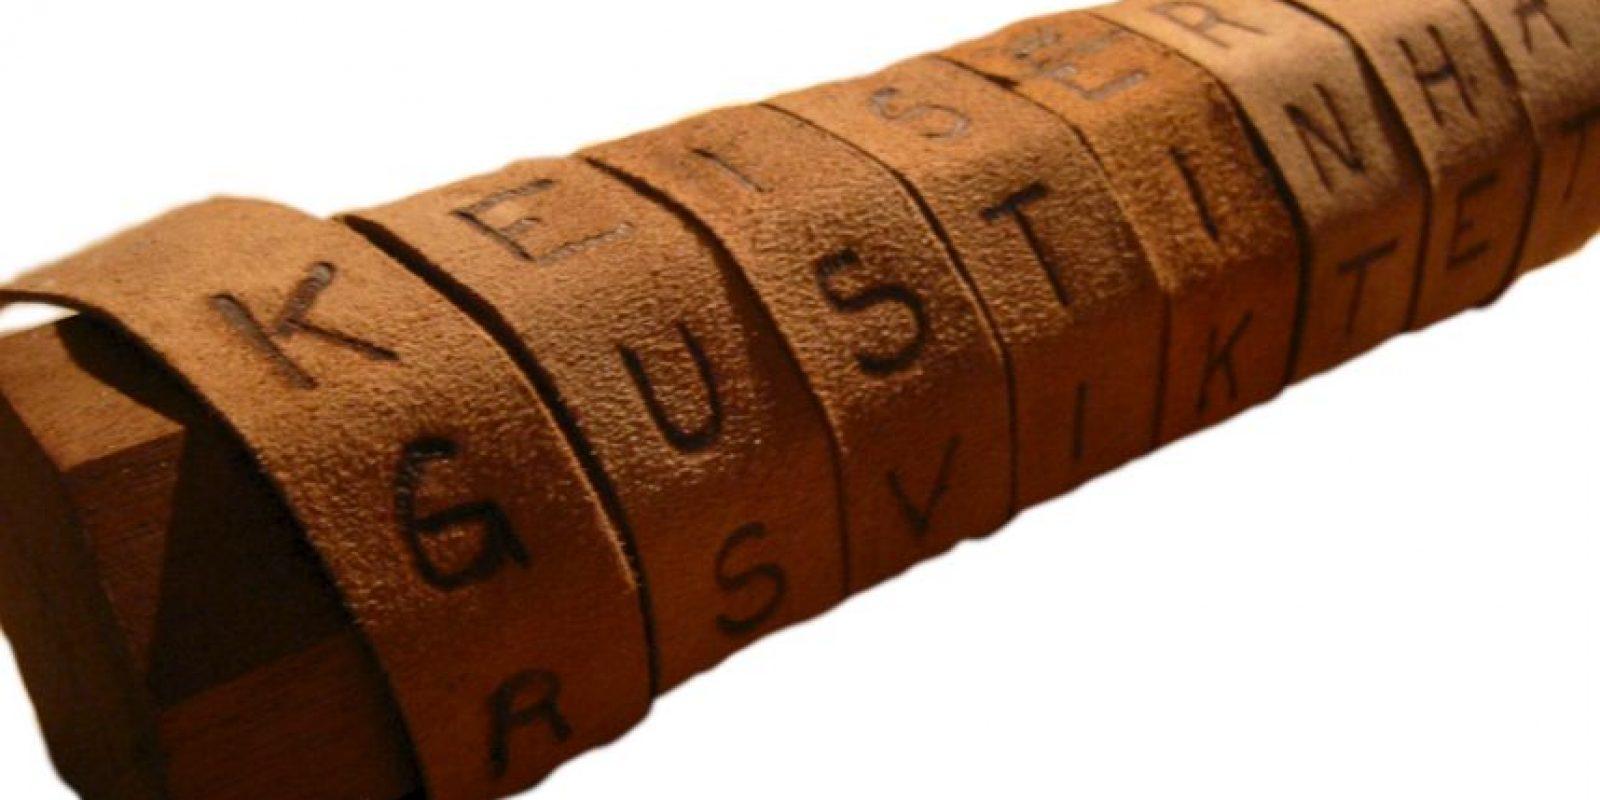 Sobre este papel escriben el mensaje, pero sólo se podrá leer si la persona que lo intercepta o recibe, tiene un tubo del mismo diámetro en el que el mensaje fue escrito. Es un ejemplo de cifrado de transposición (no cambia letras, sólo las cambiar de orden). Foto:Wikimedia